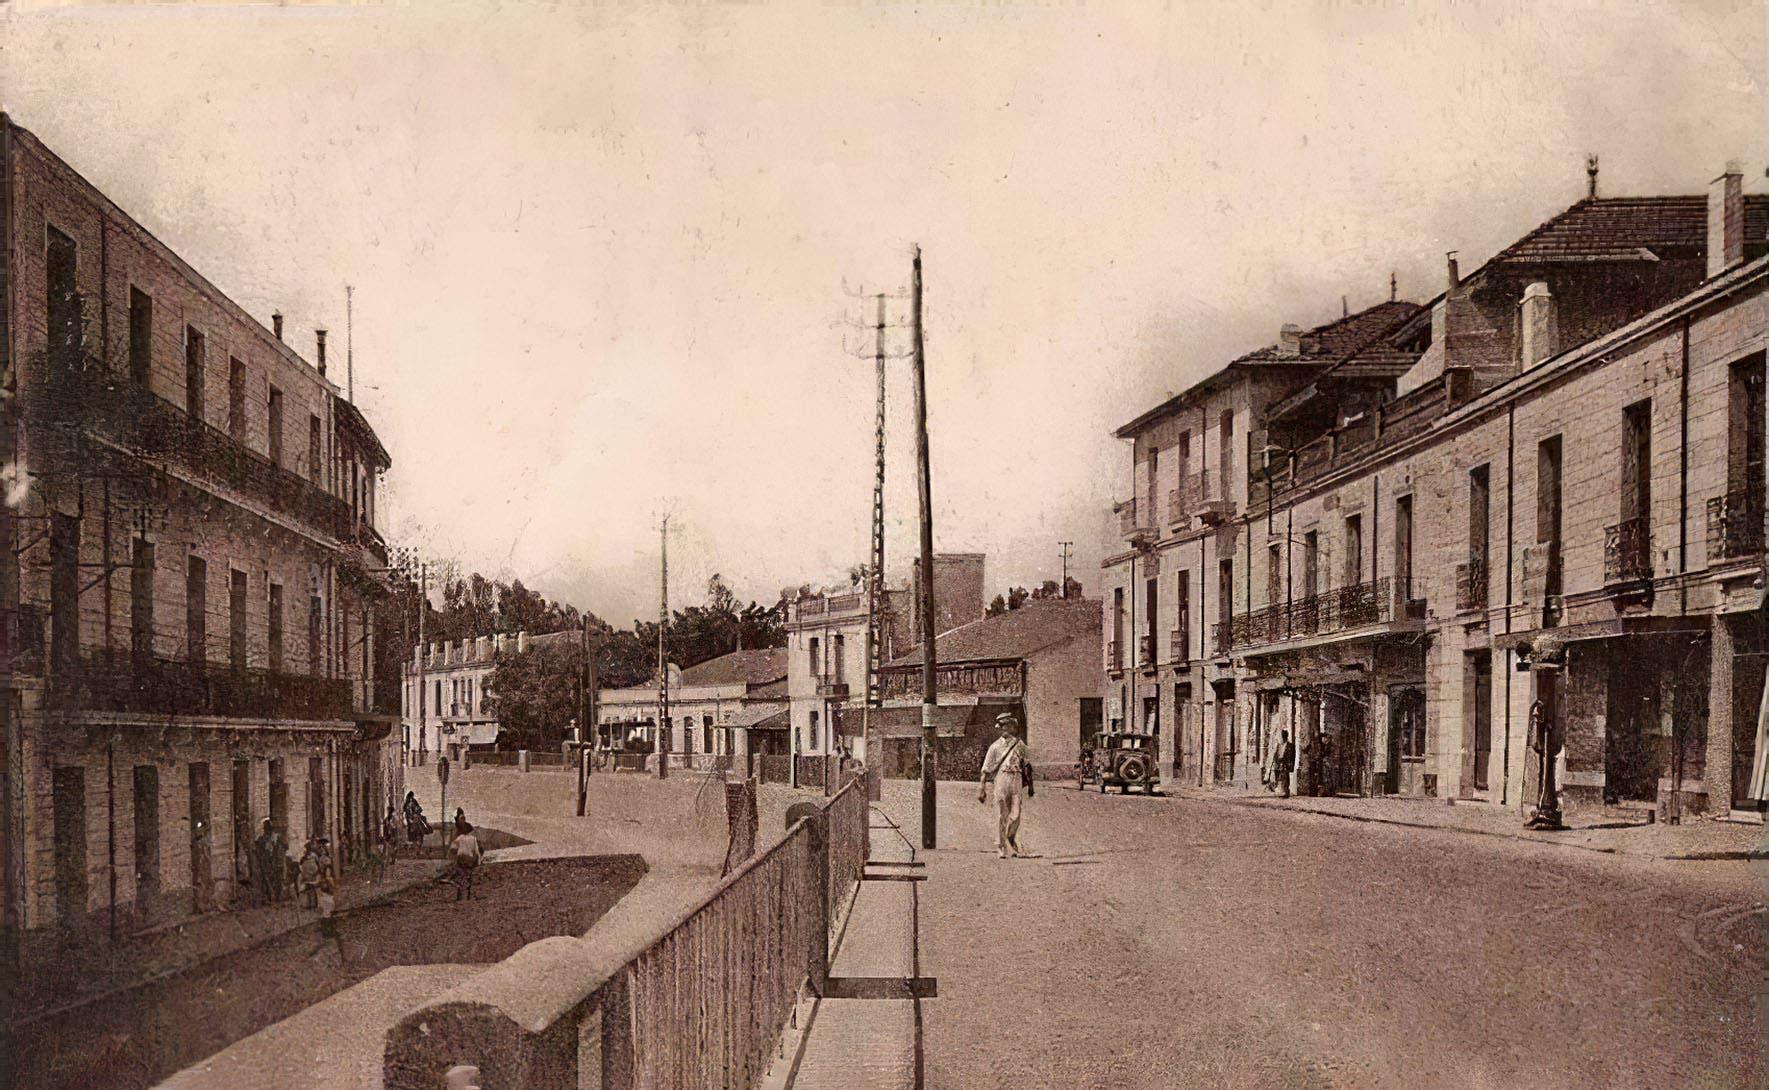 الحي الجزائري الذي ولد فيه عبدالرحمن عمراني فترة الاستعمار الفرنسي للجزائر